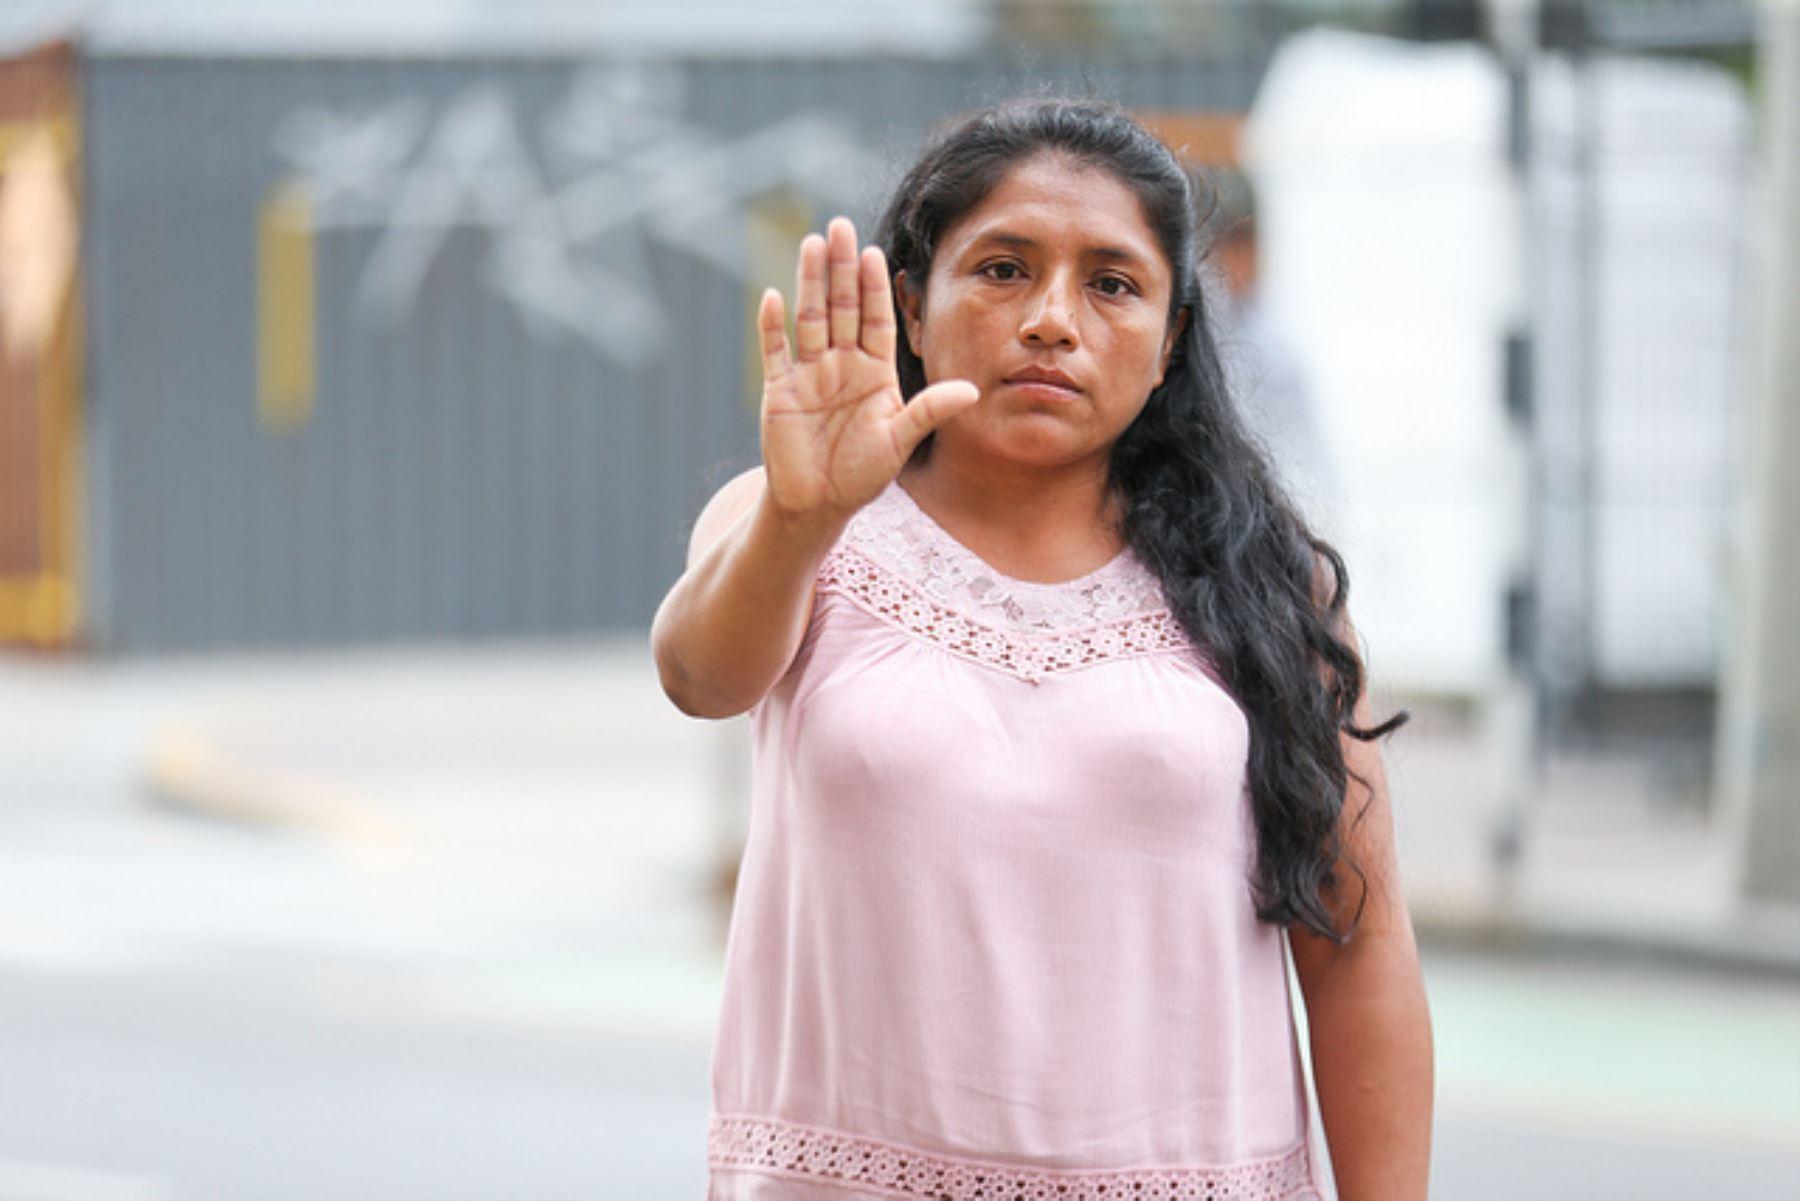 Defendió de la agresión que sufría Marianella Tarrillo, quien era amenazada por su conviviente, Alkamar Díaz Silva, quien tenía un cuchillo y una escopeta.